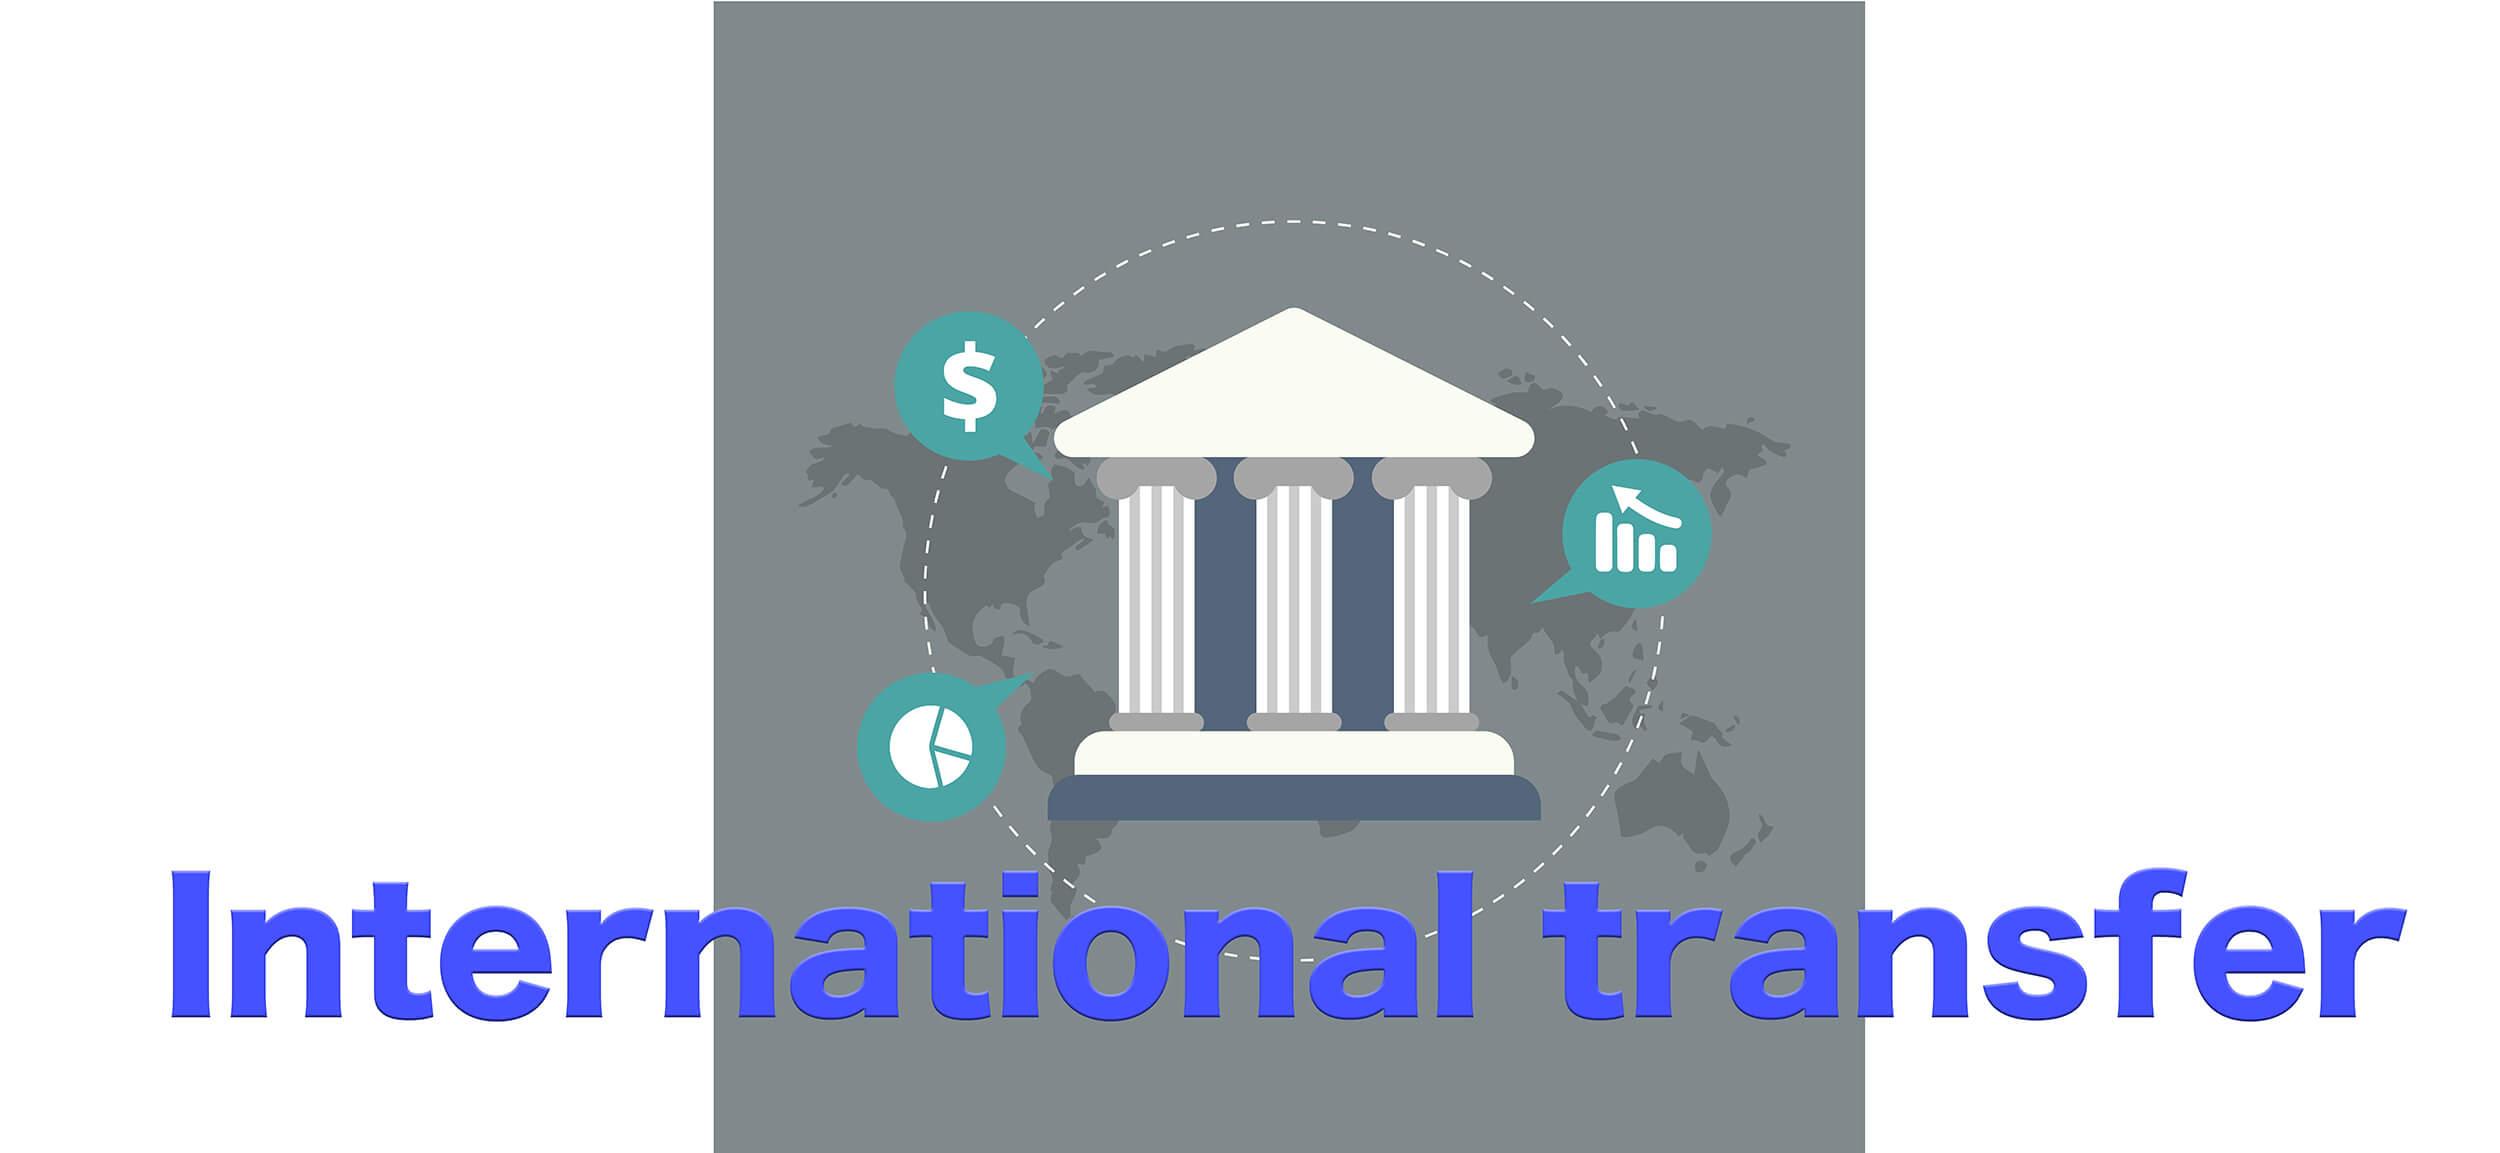 【2021年版】おすすめ「海外送金サービス」3つを徹底比較! | 「手続きが簡単」で「手数料も安い」サービスは…?